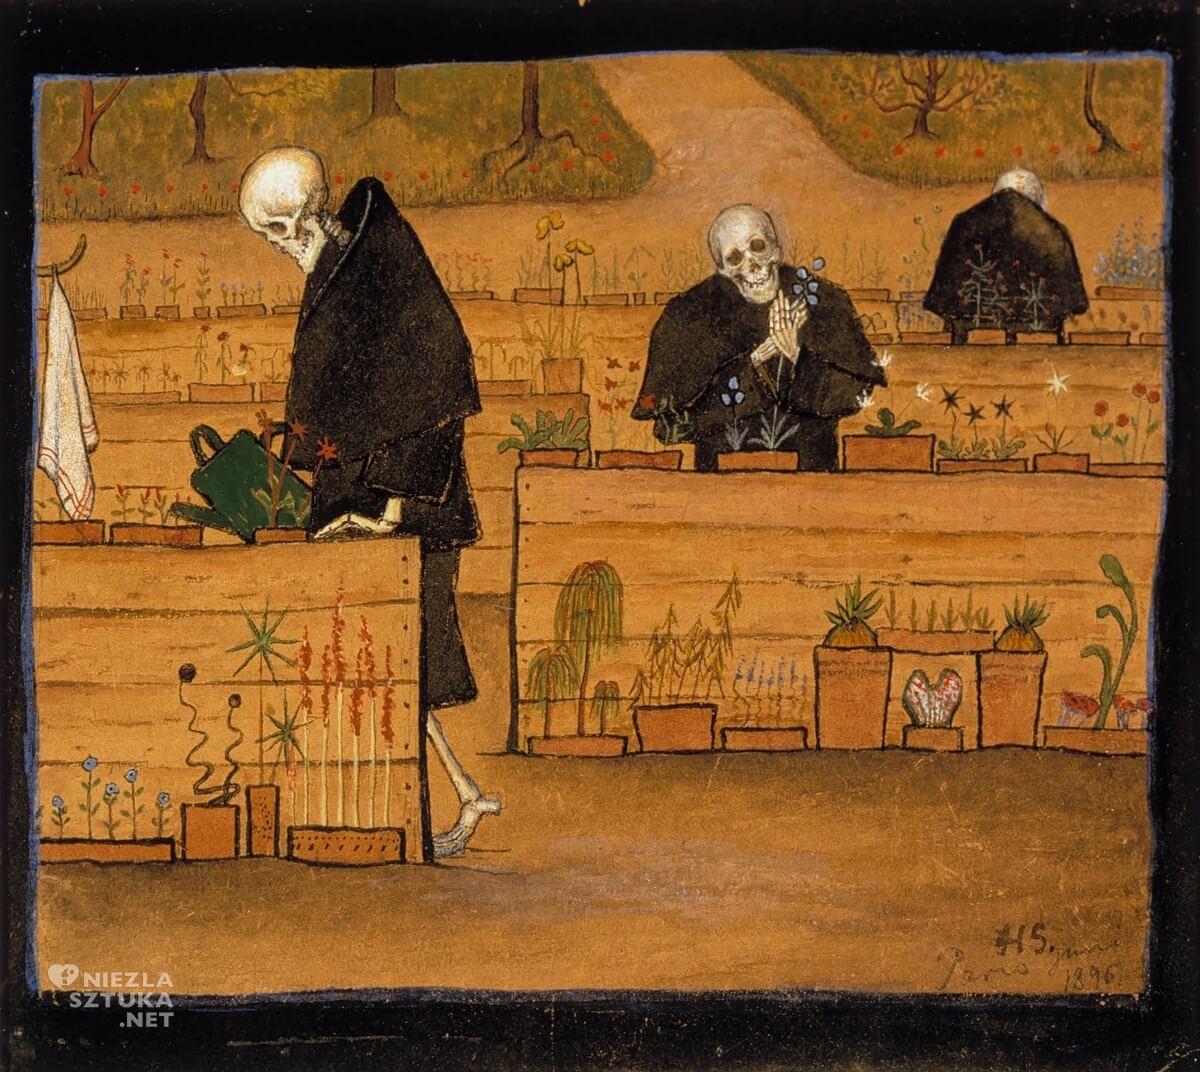 Hugo Simberg, malarstwo, śmierć, sztuka skandynawska, Niezła sztuka